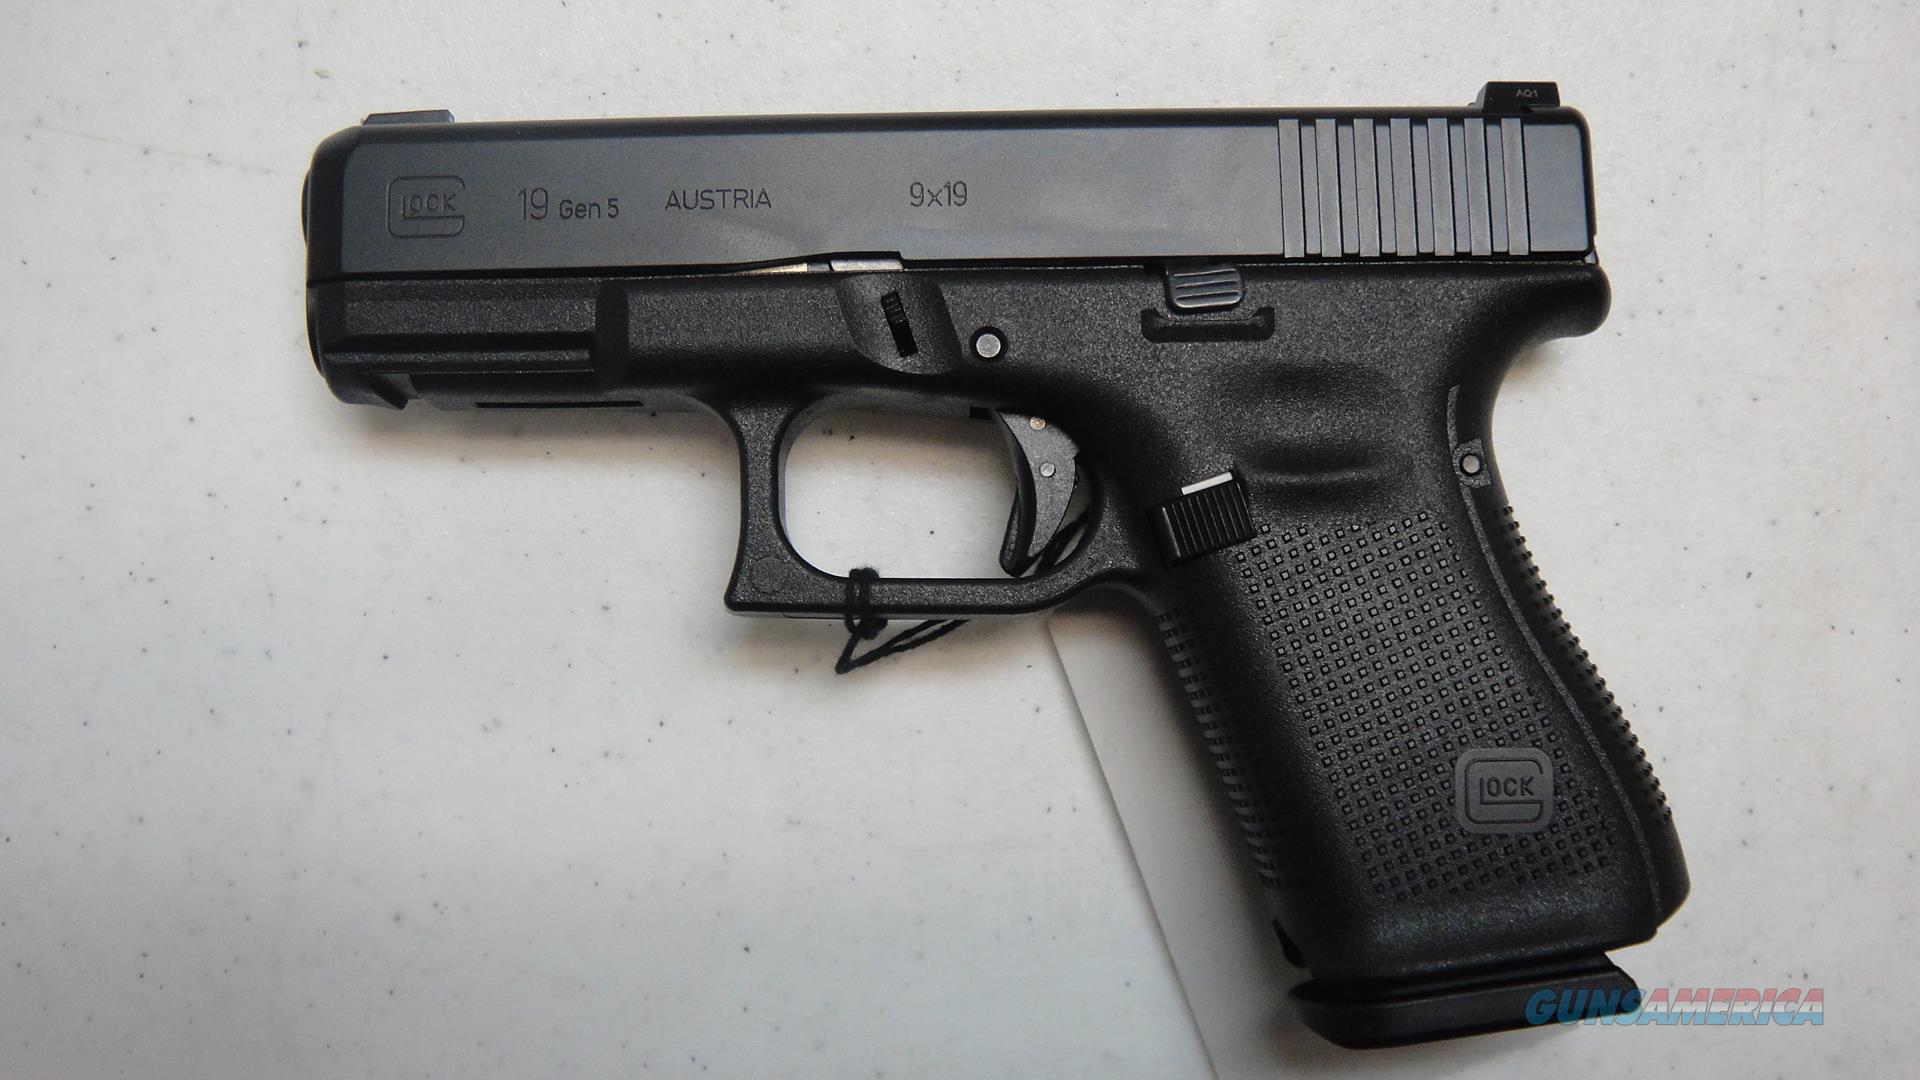 Glock 19 Gen 5 Night Sights  Guns > Pistols > Glock Pistols > 19